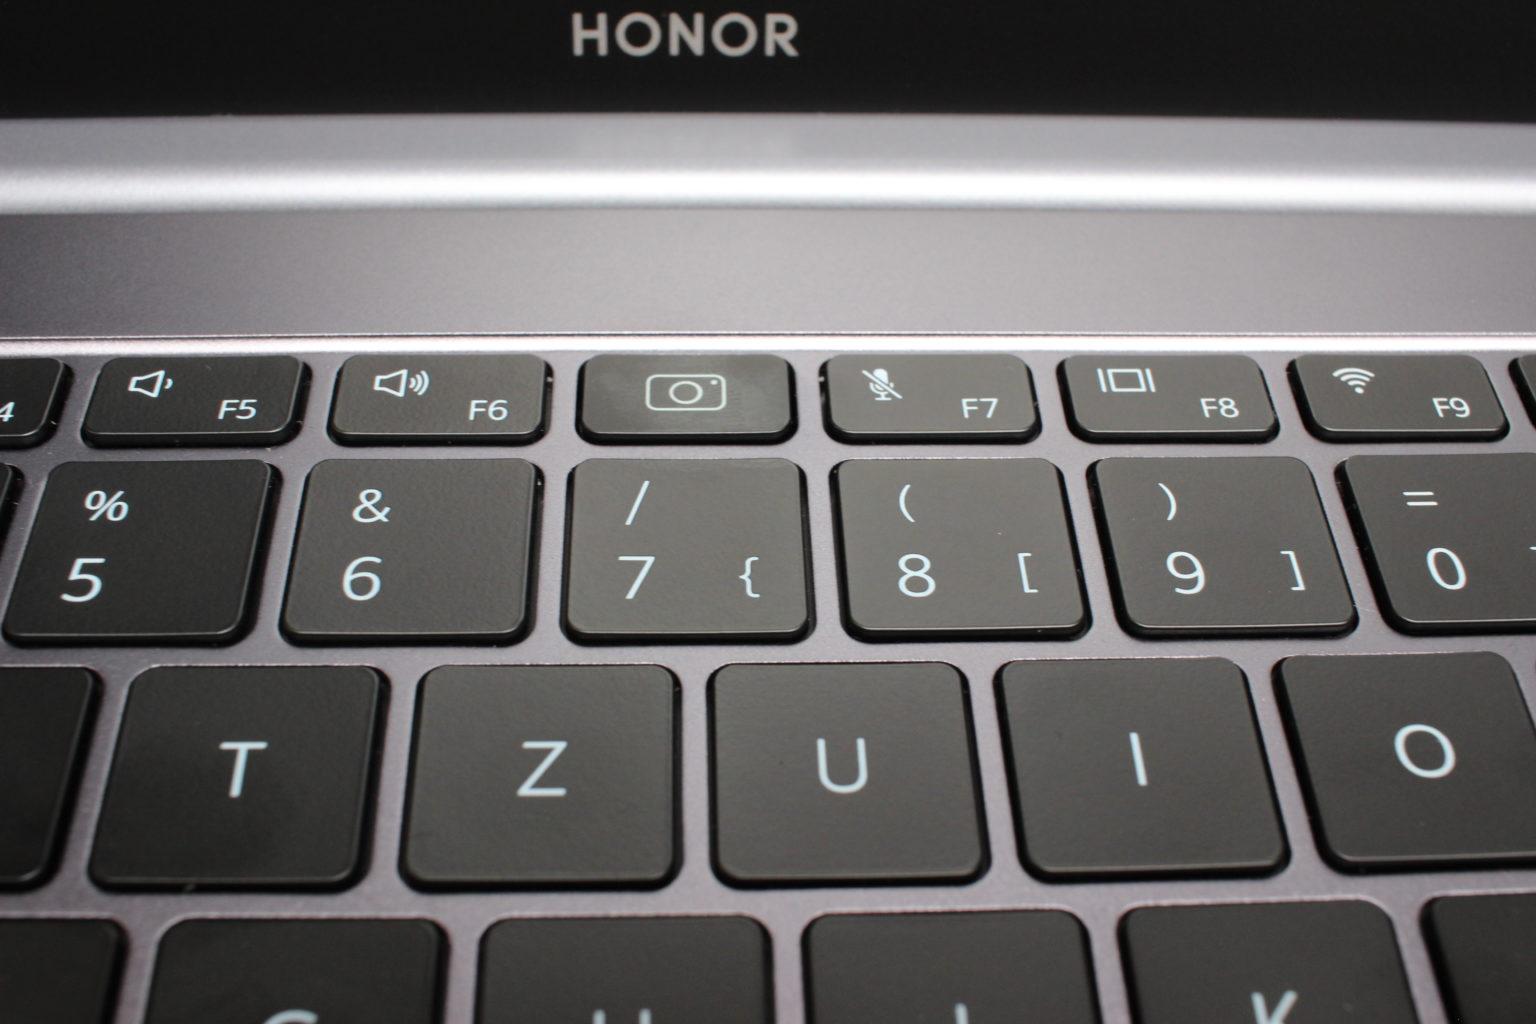 teclado del Honor MagicBook Pro